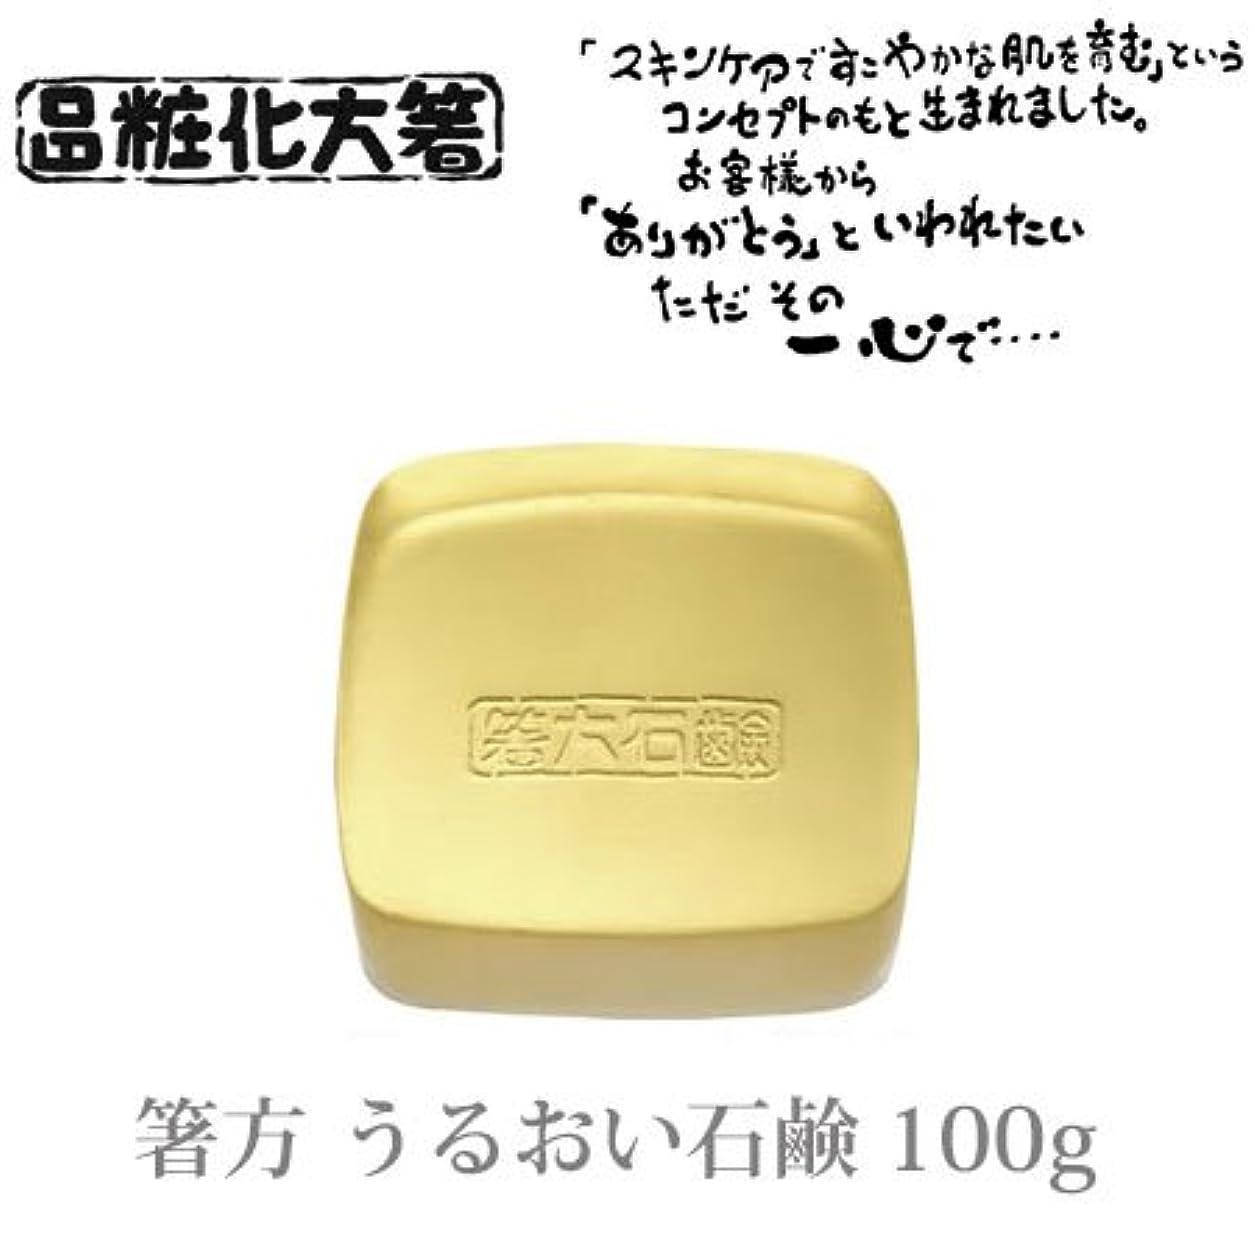 信じる煙突褐色箸方化粧品 うるおい石鹸 100g はしかた化粧品